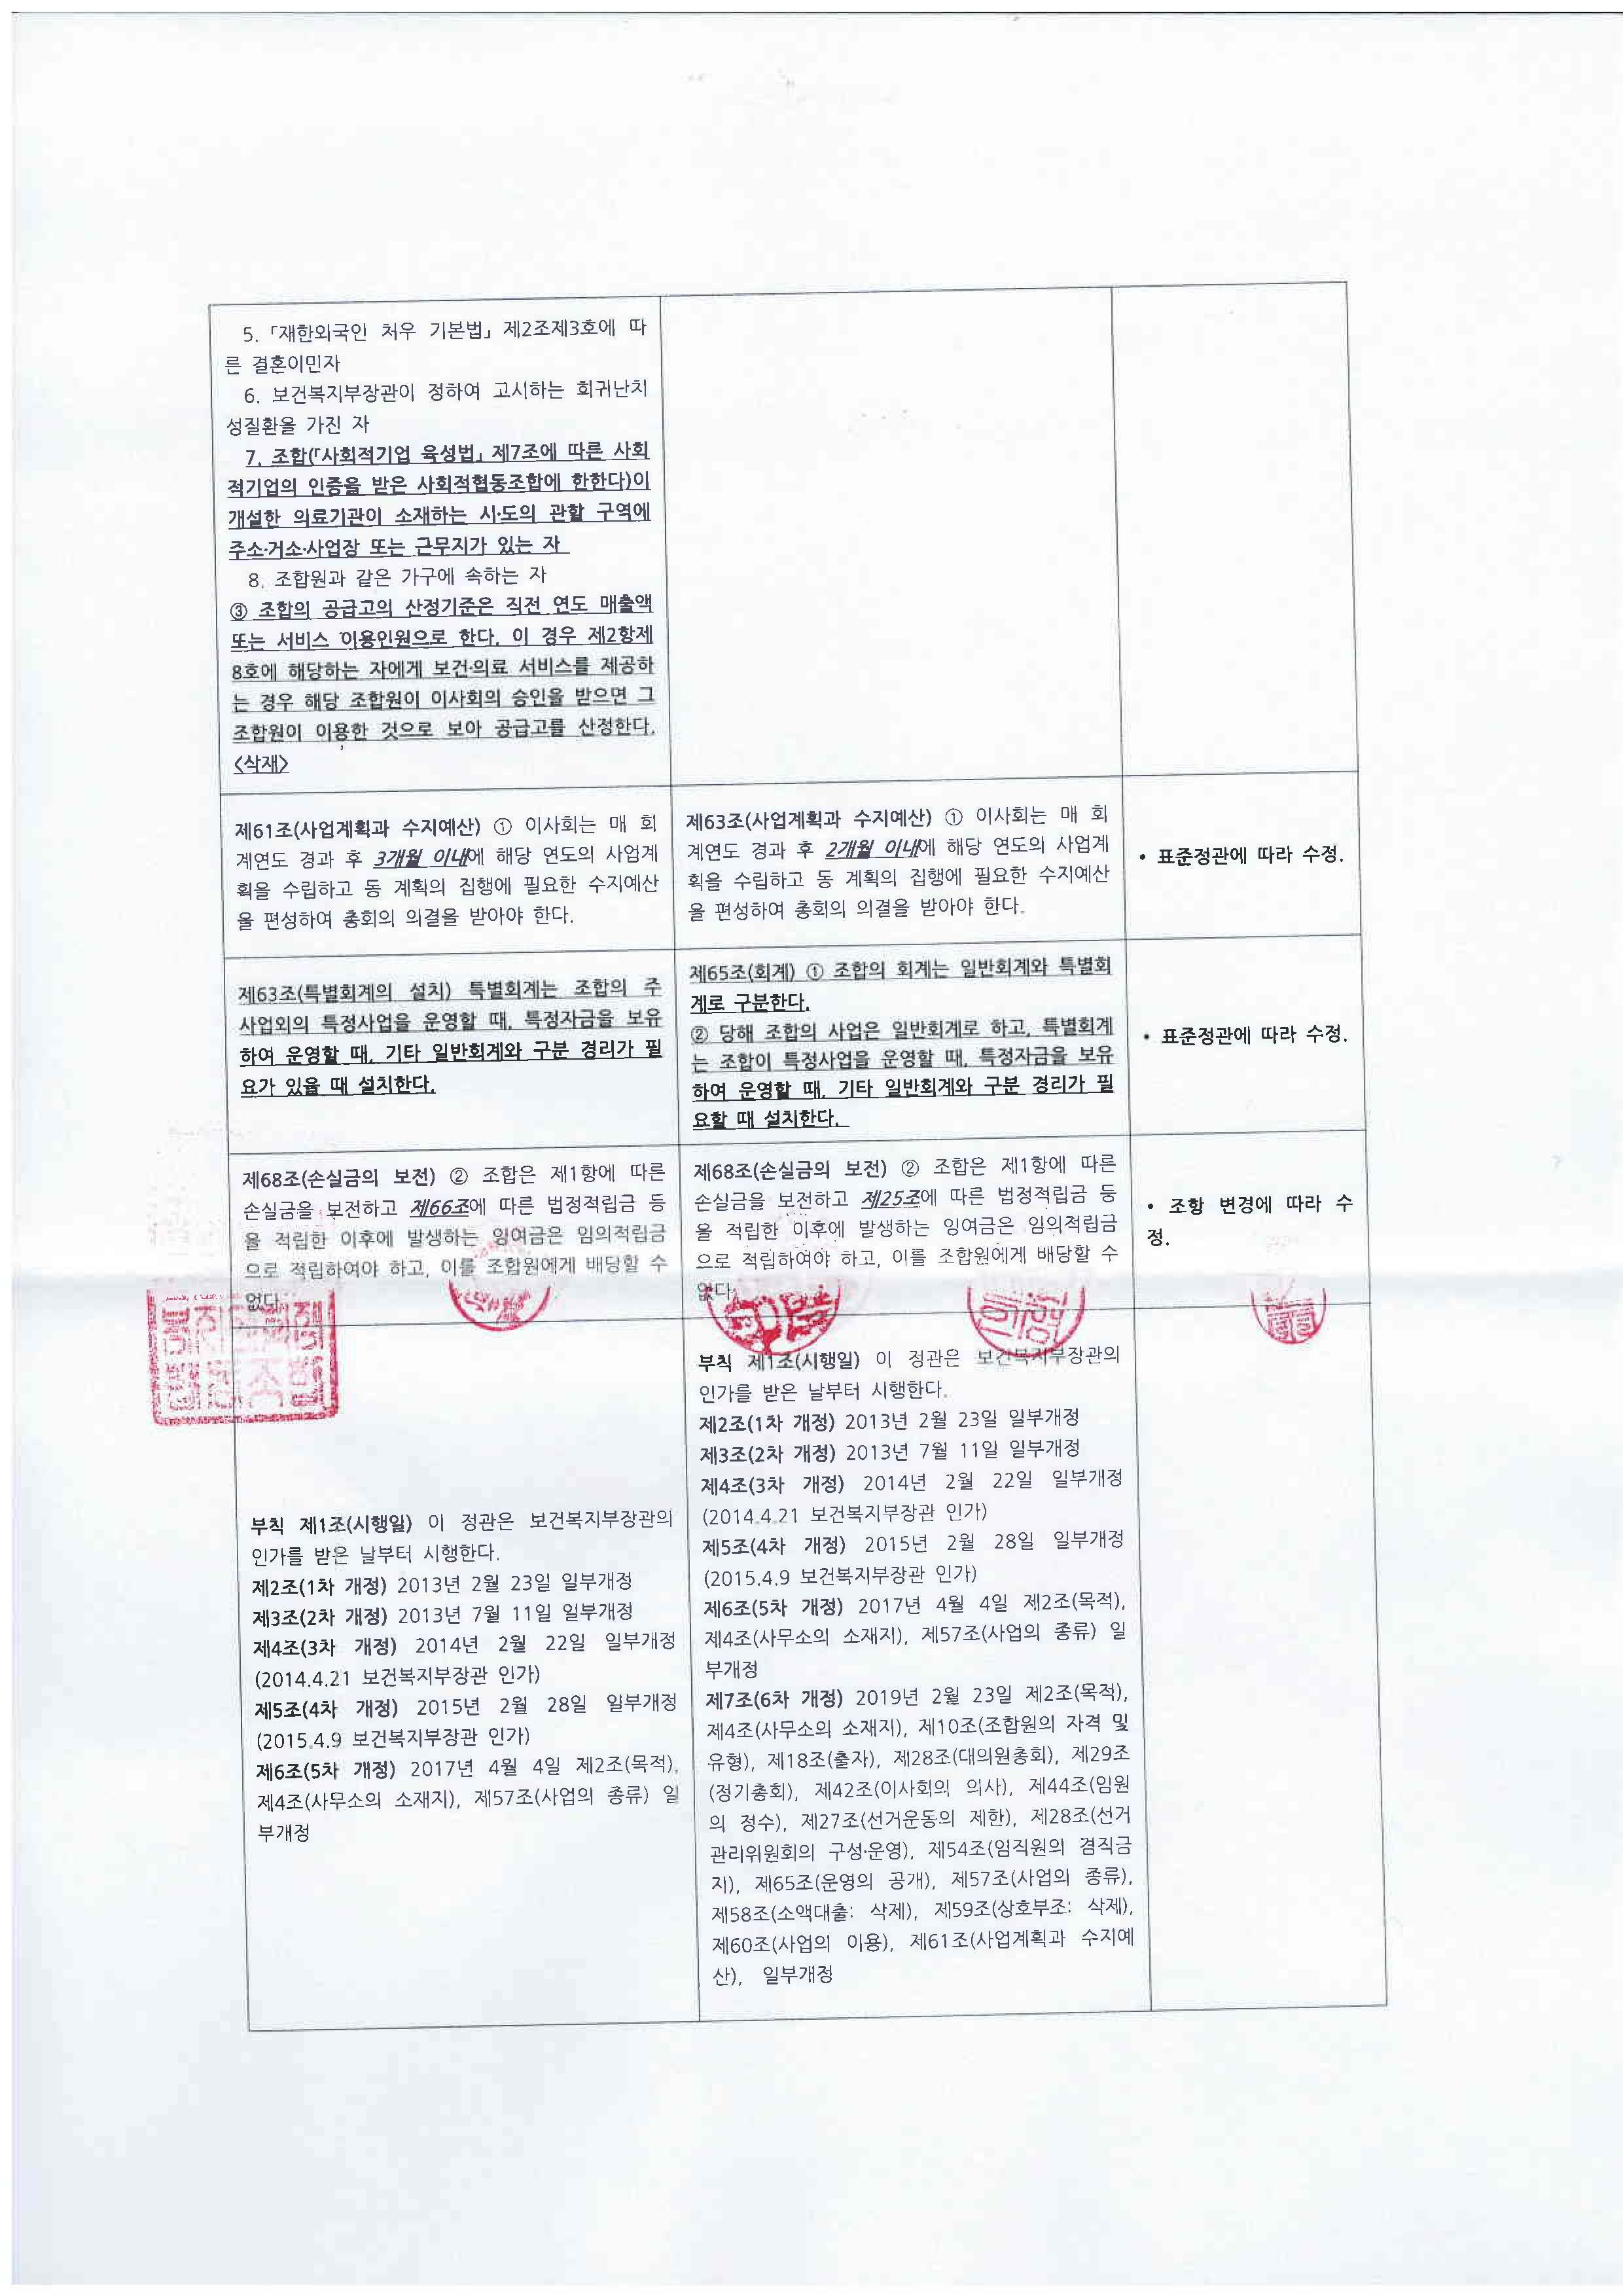 통합20차 정기총회의사록_페이지_10.jpg